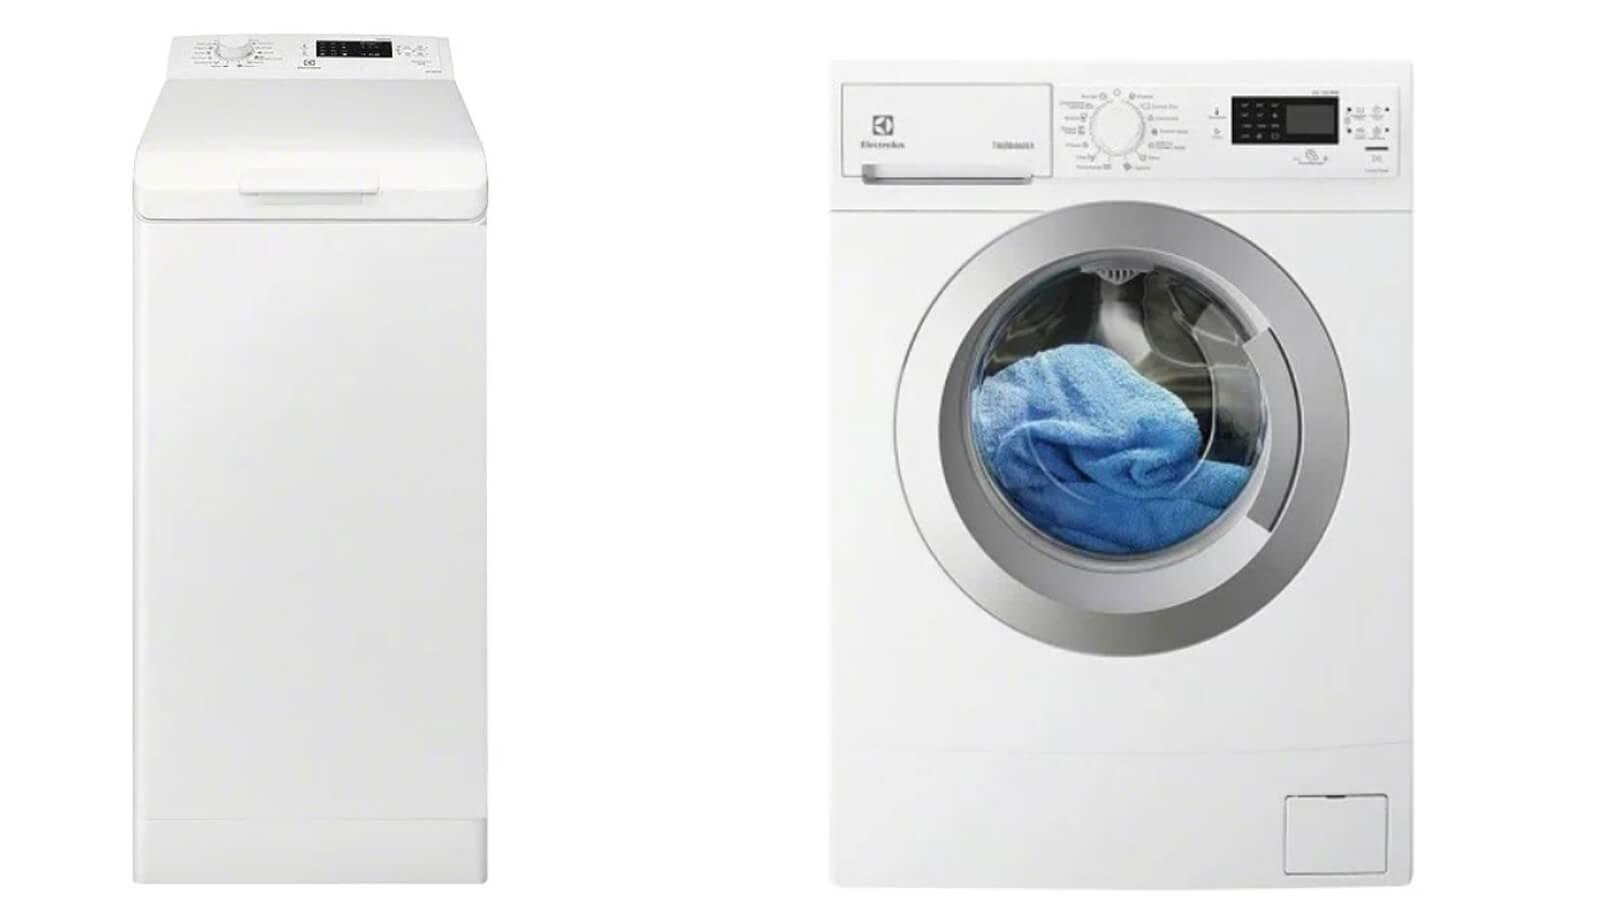 Топ 10 лучших стиральных машин с вертикальной загрузкой